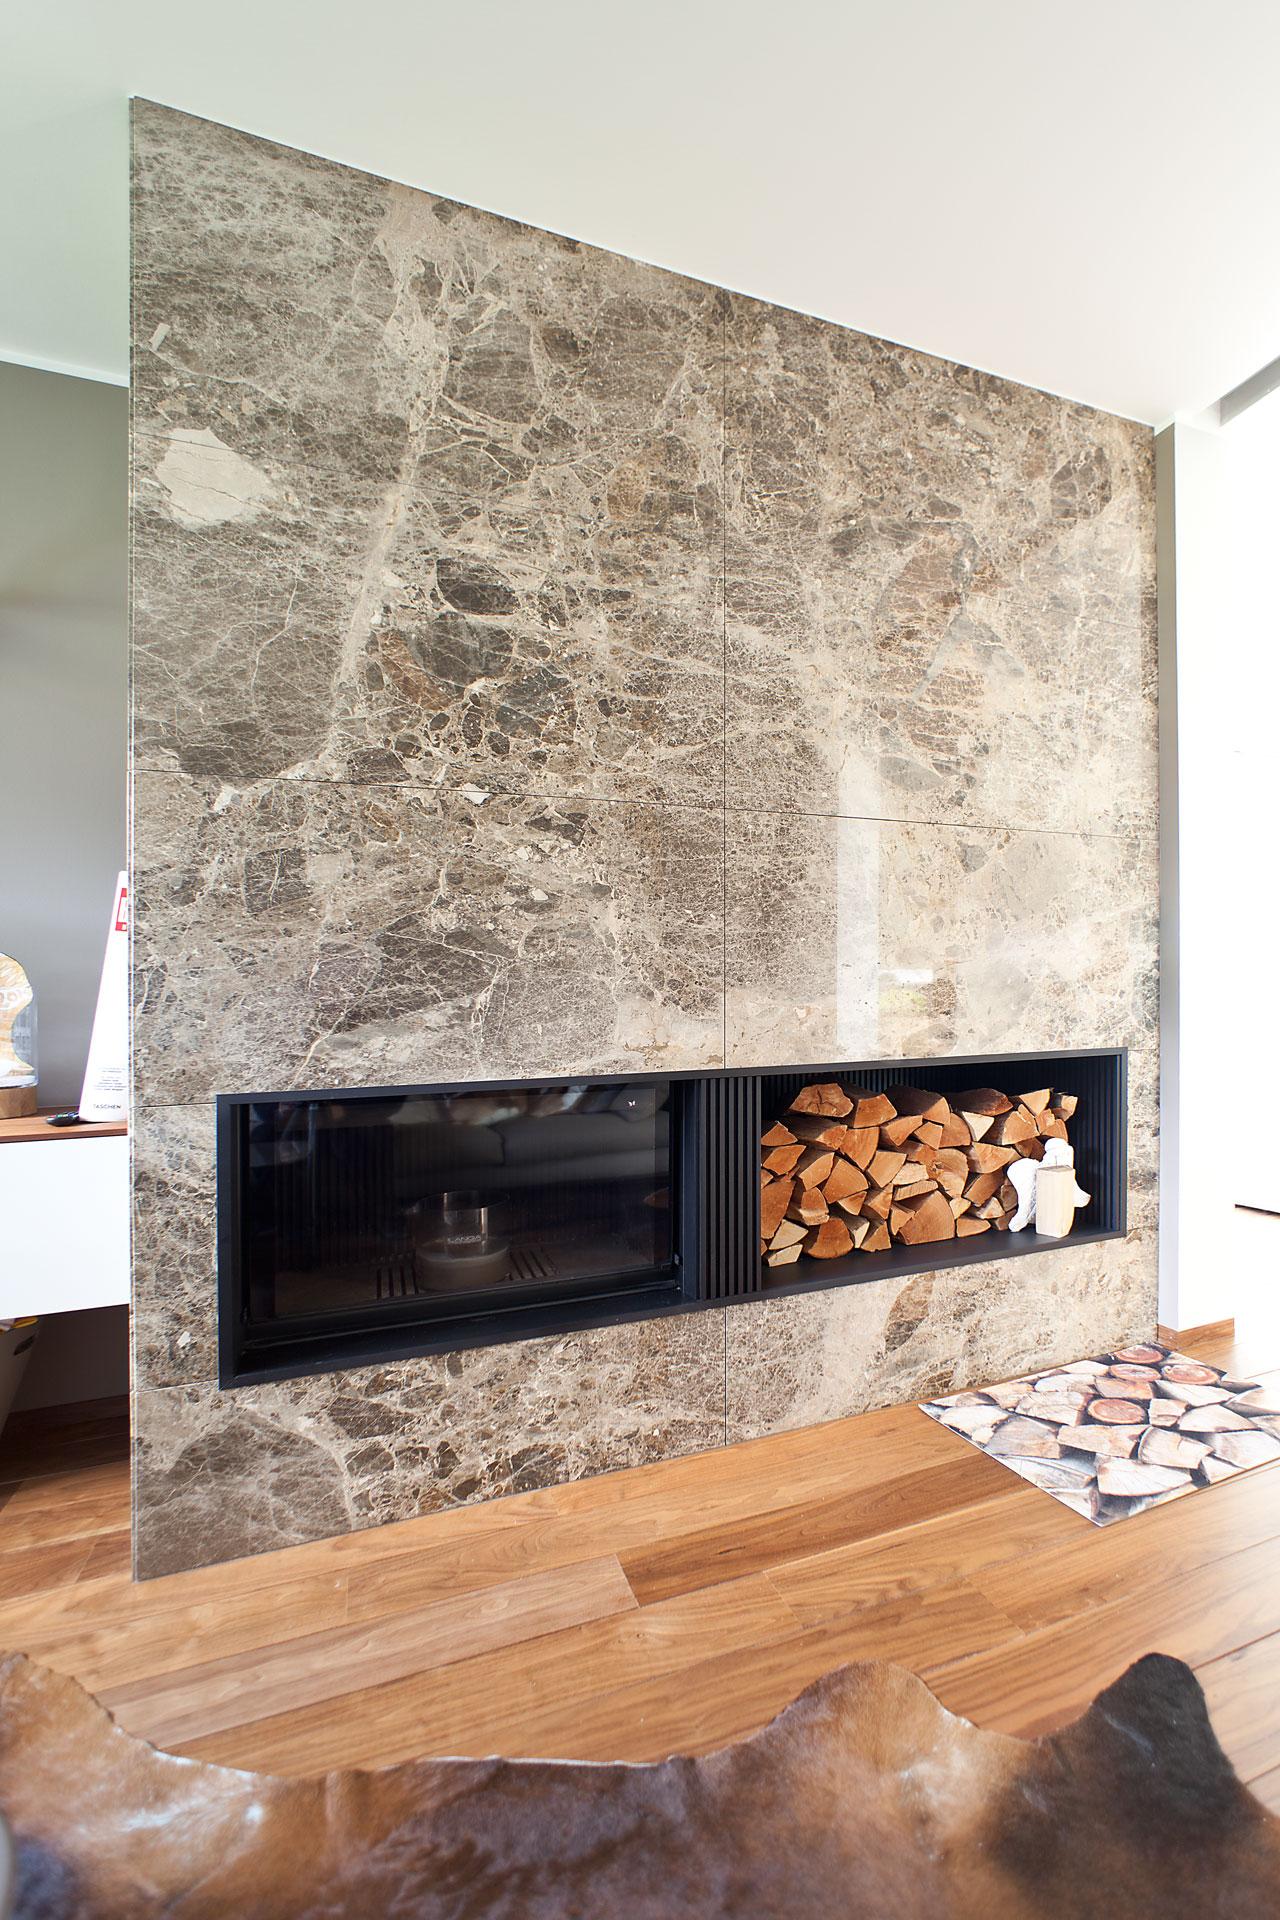 marmor_radermacher_kamin_design_naturstein_wanddekor_paradiso_brown_designofen_individuelle_kamingestaltung